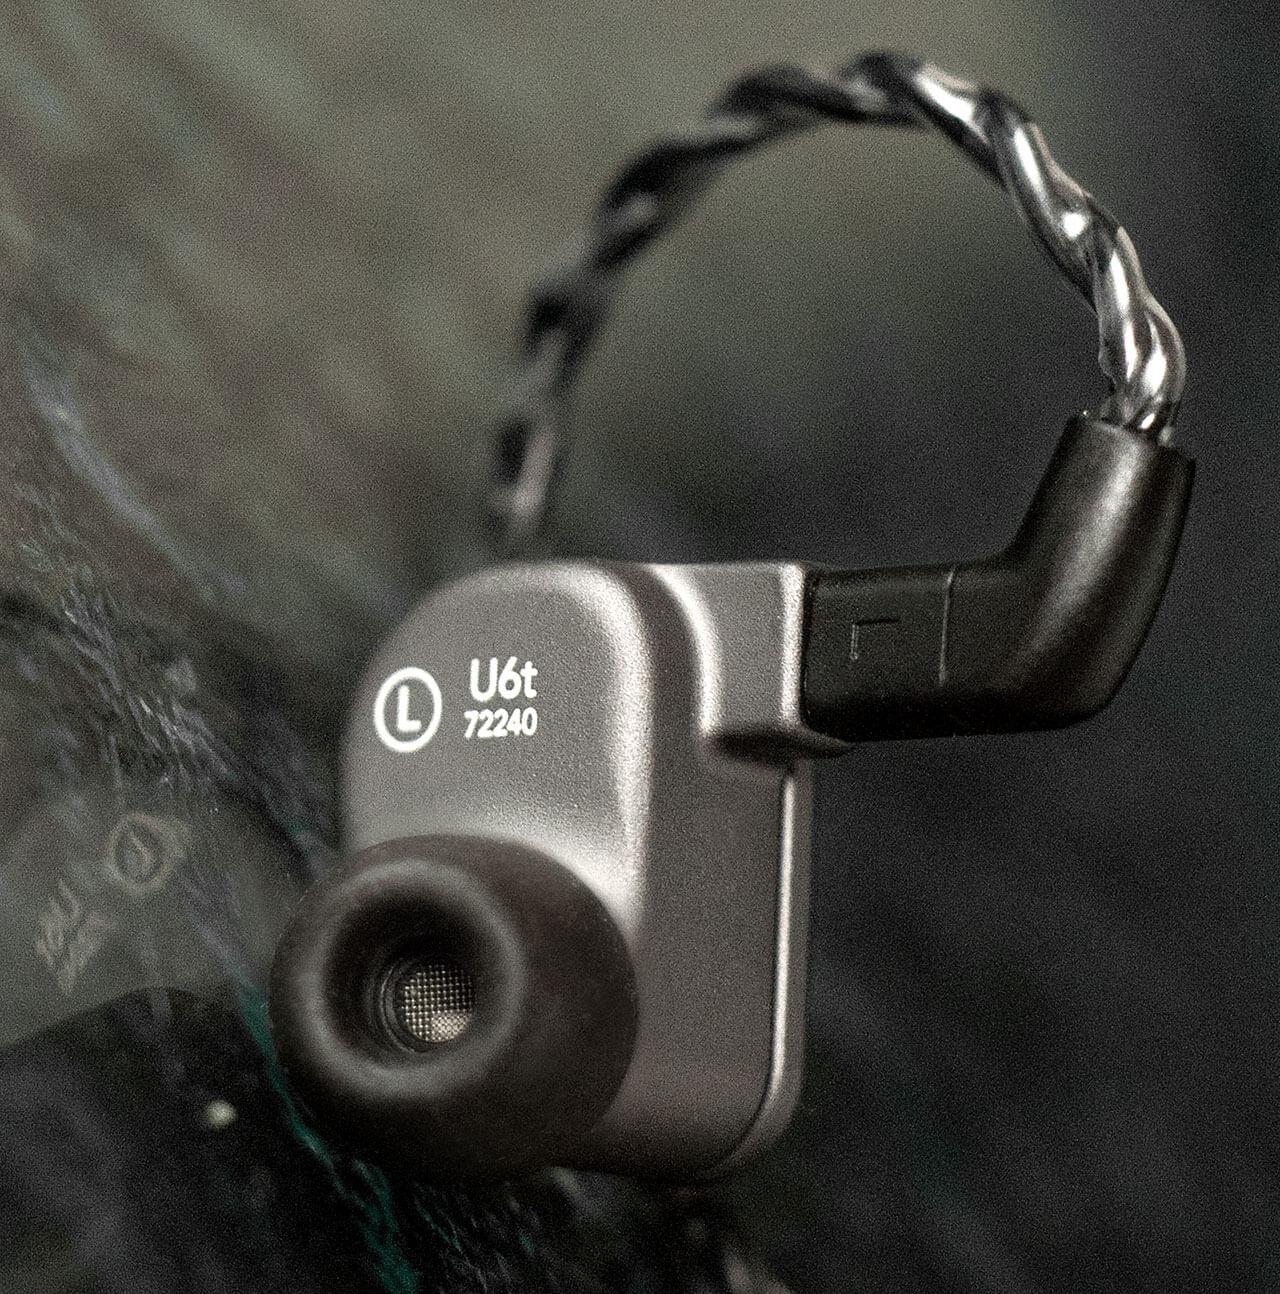 64 Audio U6t In-Ear-Monitor: Schallöffnung mit Earbud